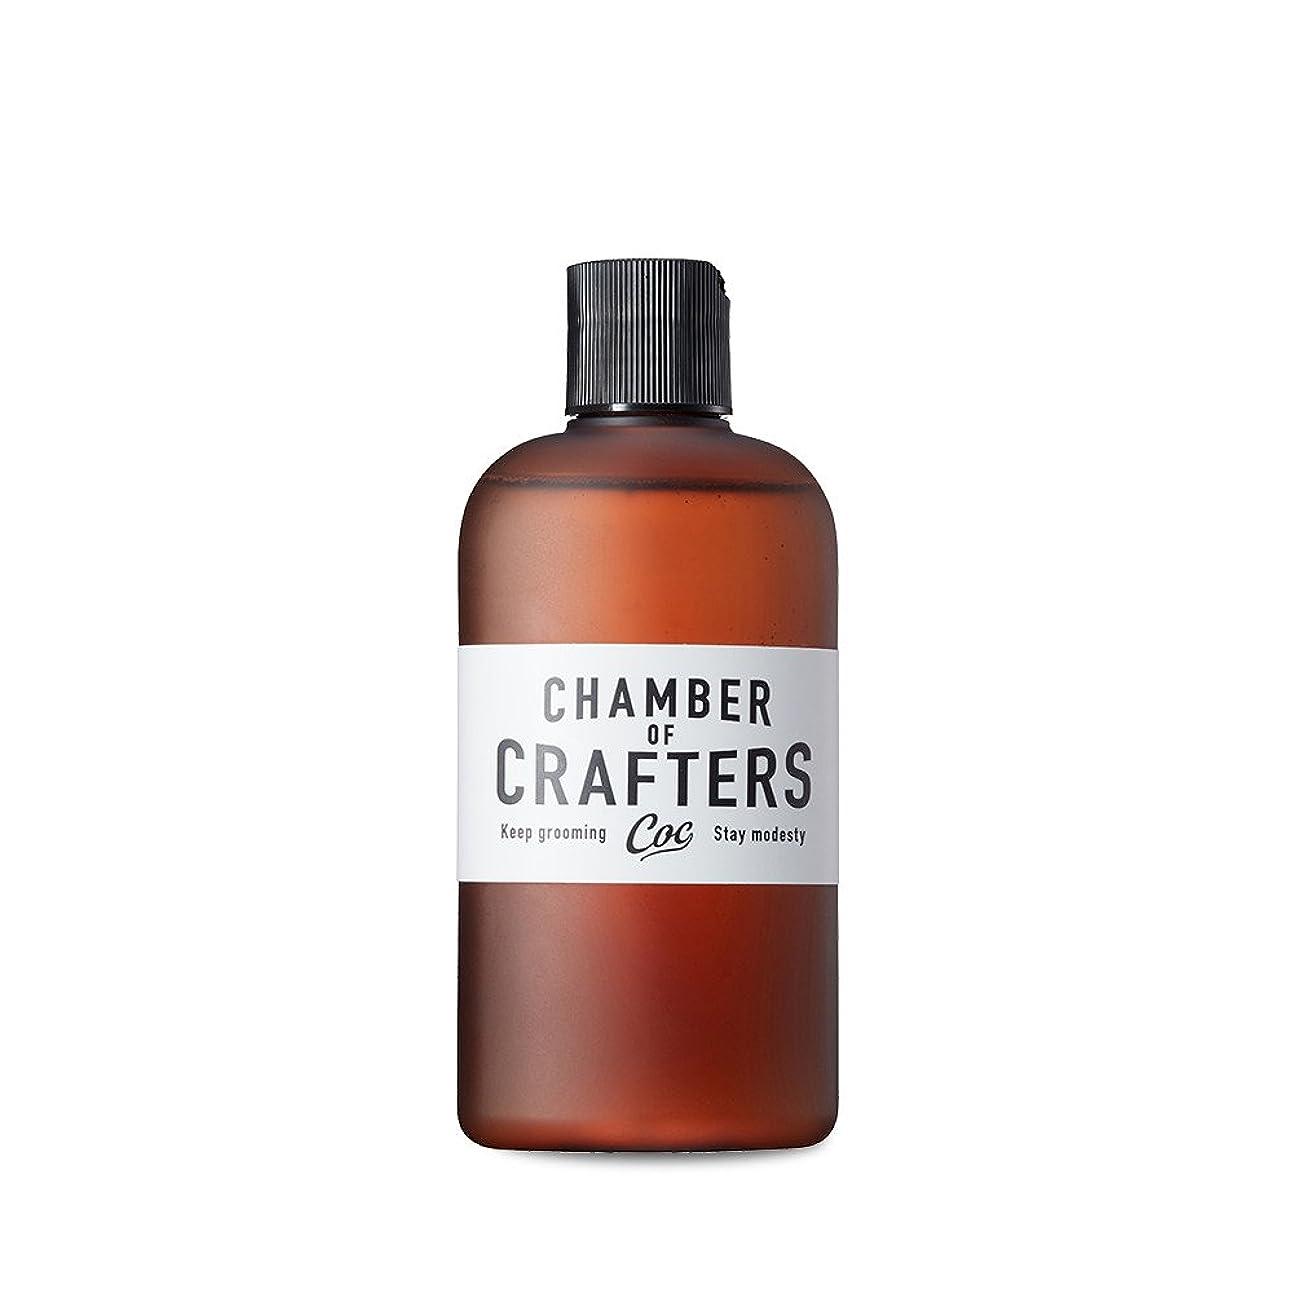 白菜くぼみ意図するCHAMBER OF CRAFTERS チェンバーオブクラフターズ スキンローション 化粧水 180mL